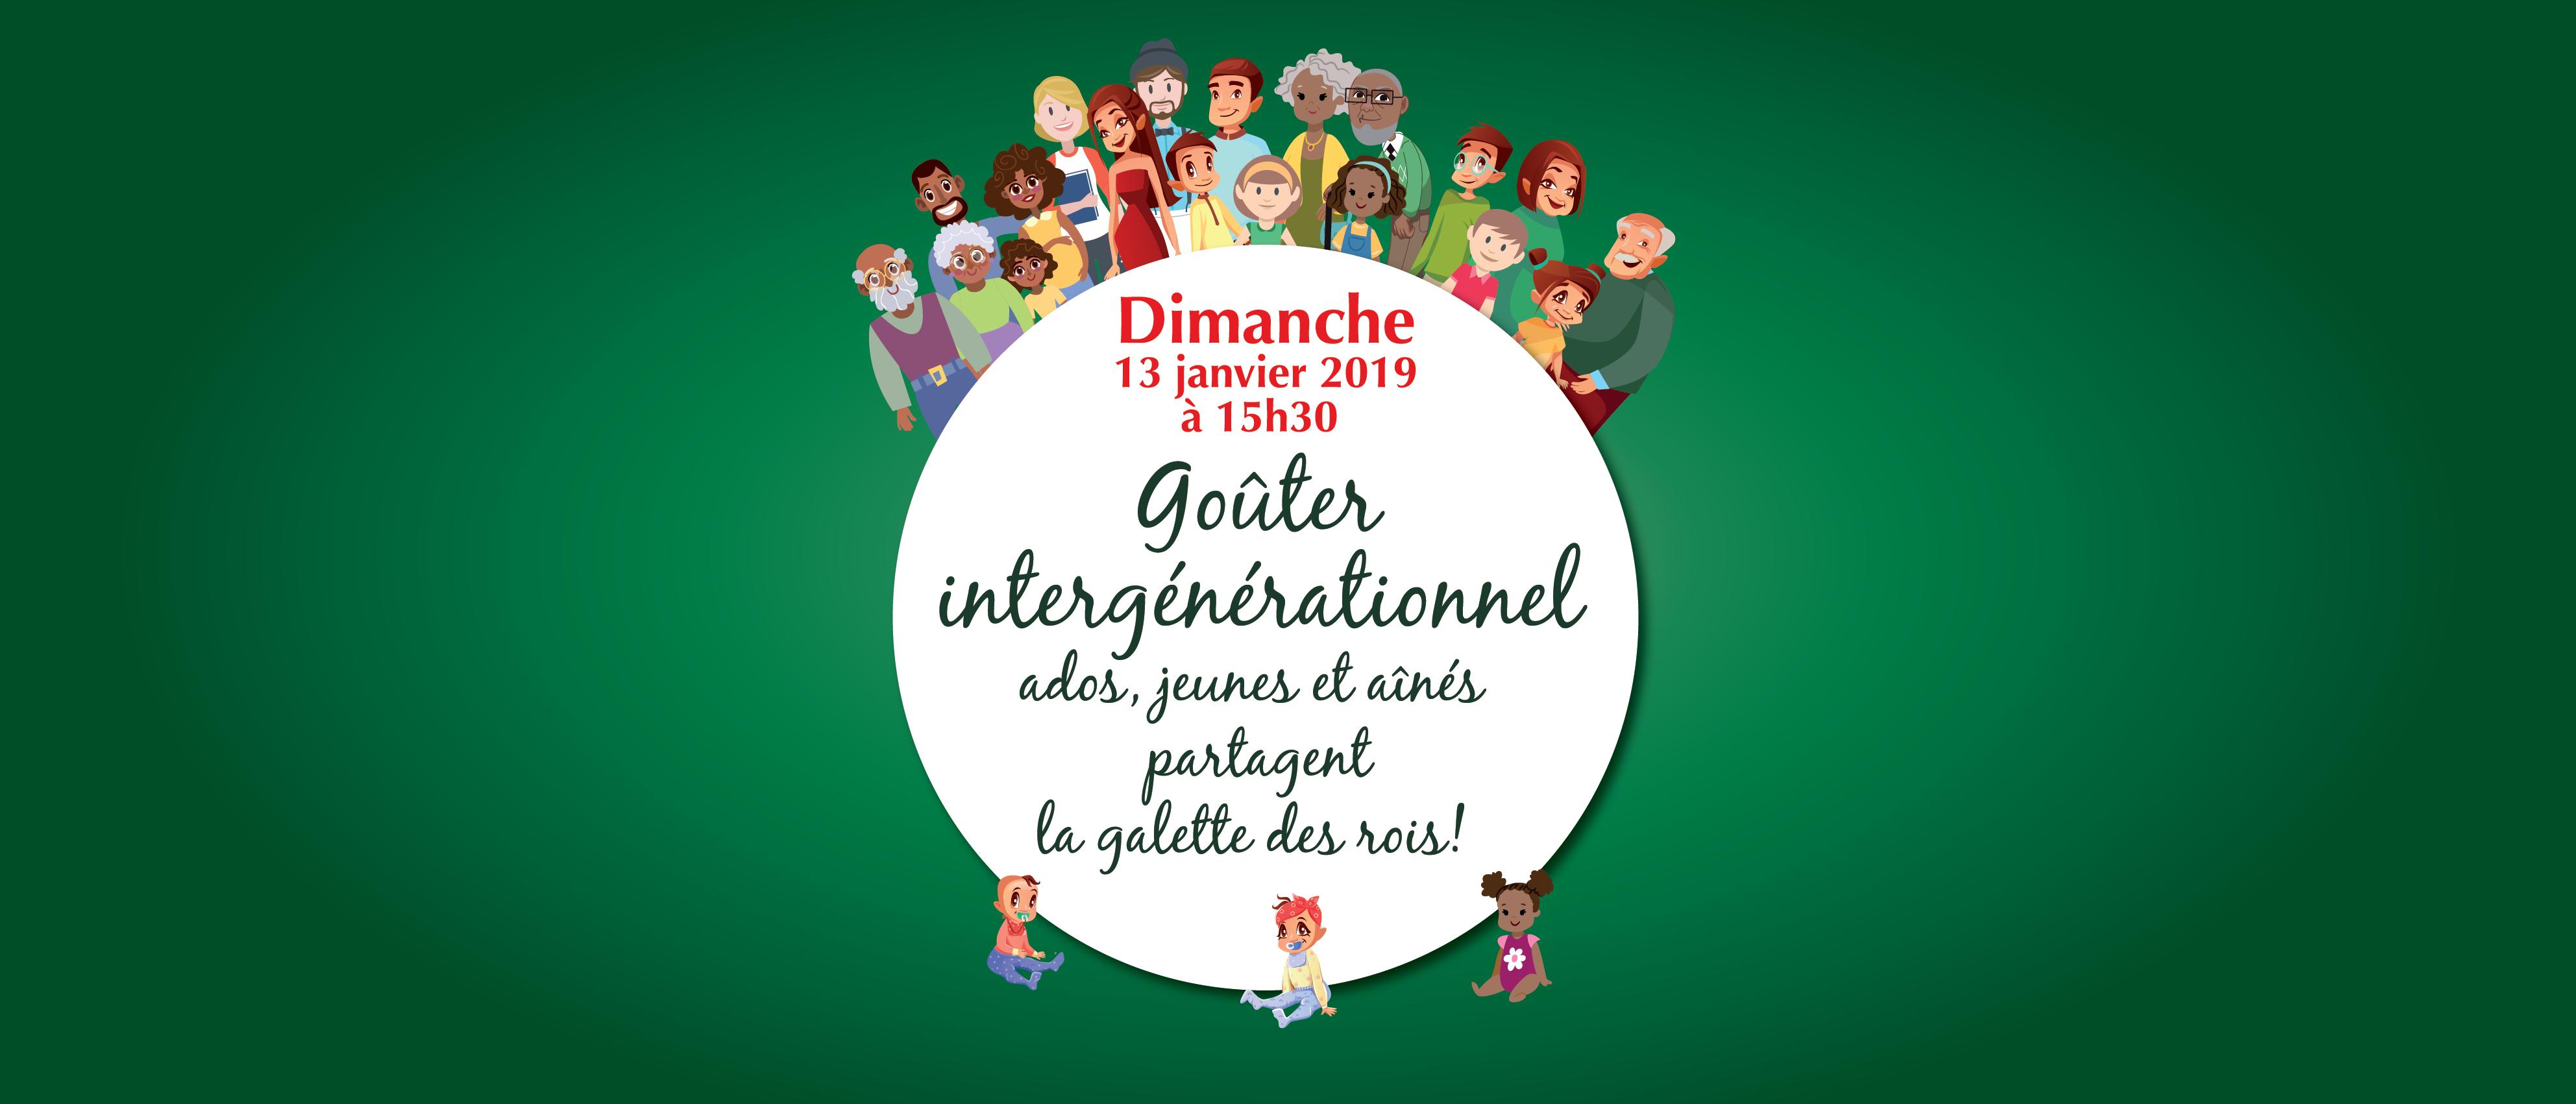 http://eglise.espoir-vie.fr/wp-content/uploads/2019/01/gouter-site.png